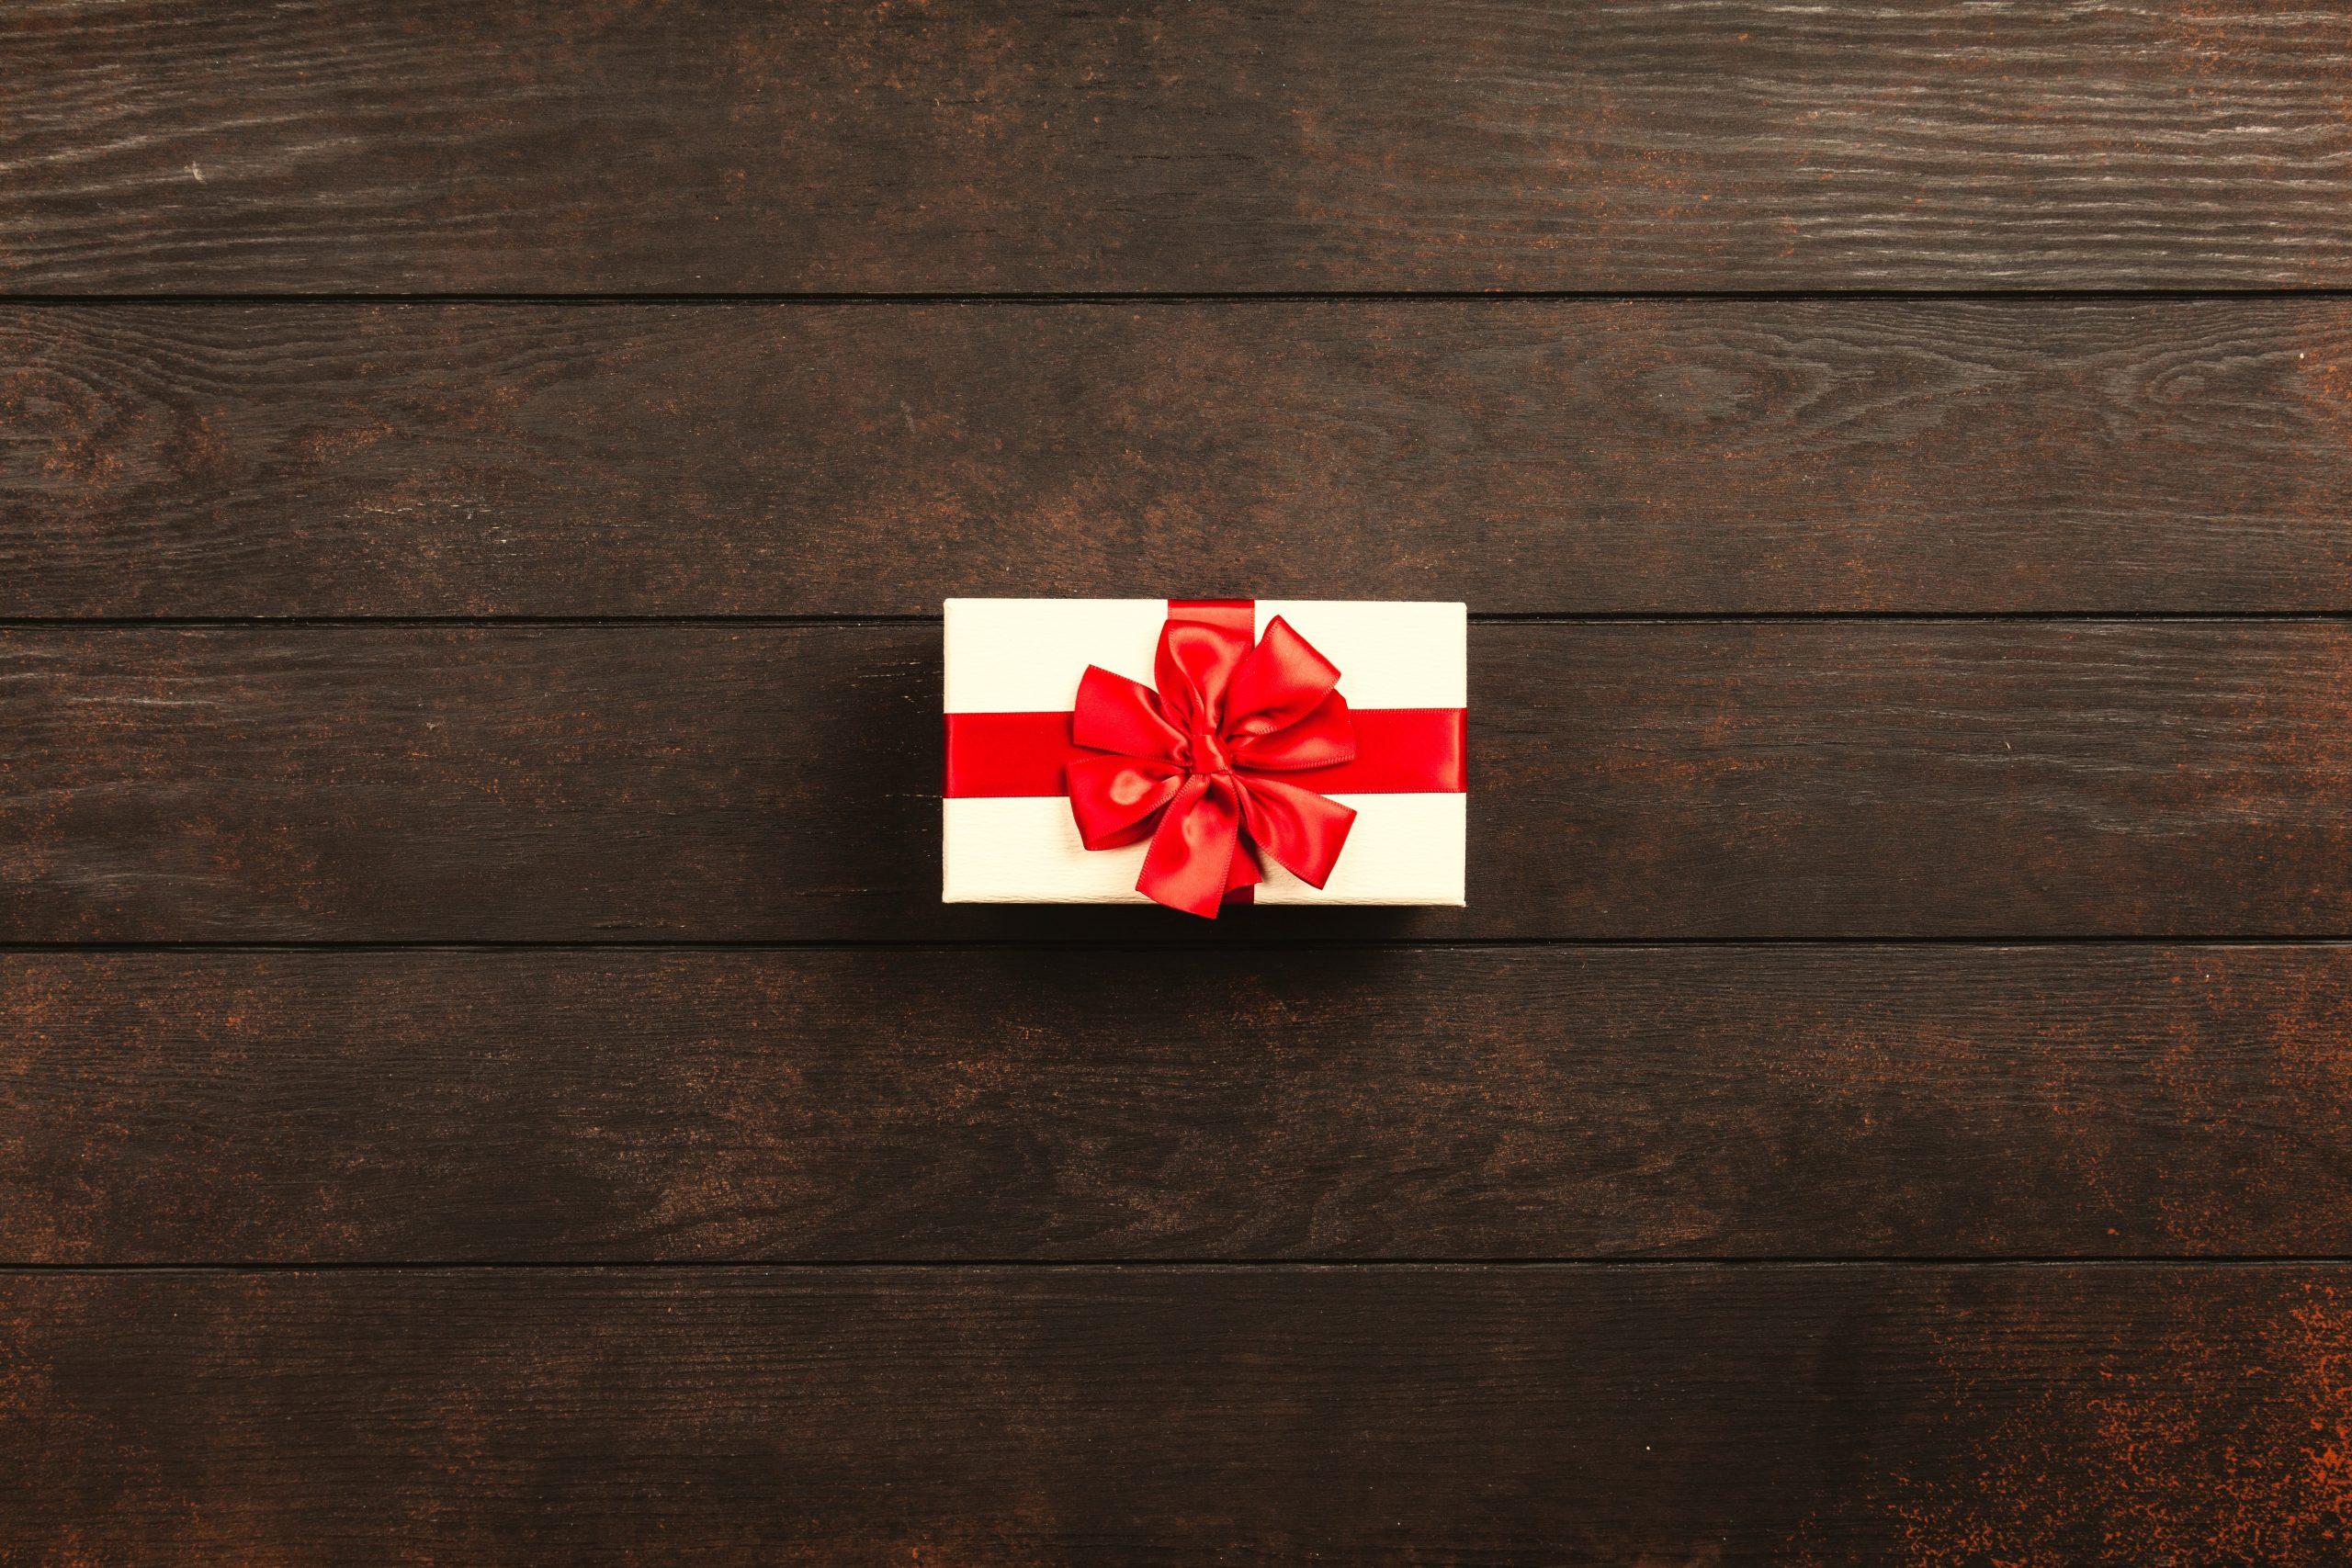 pexels-giftpunditscom-1303079